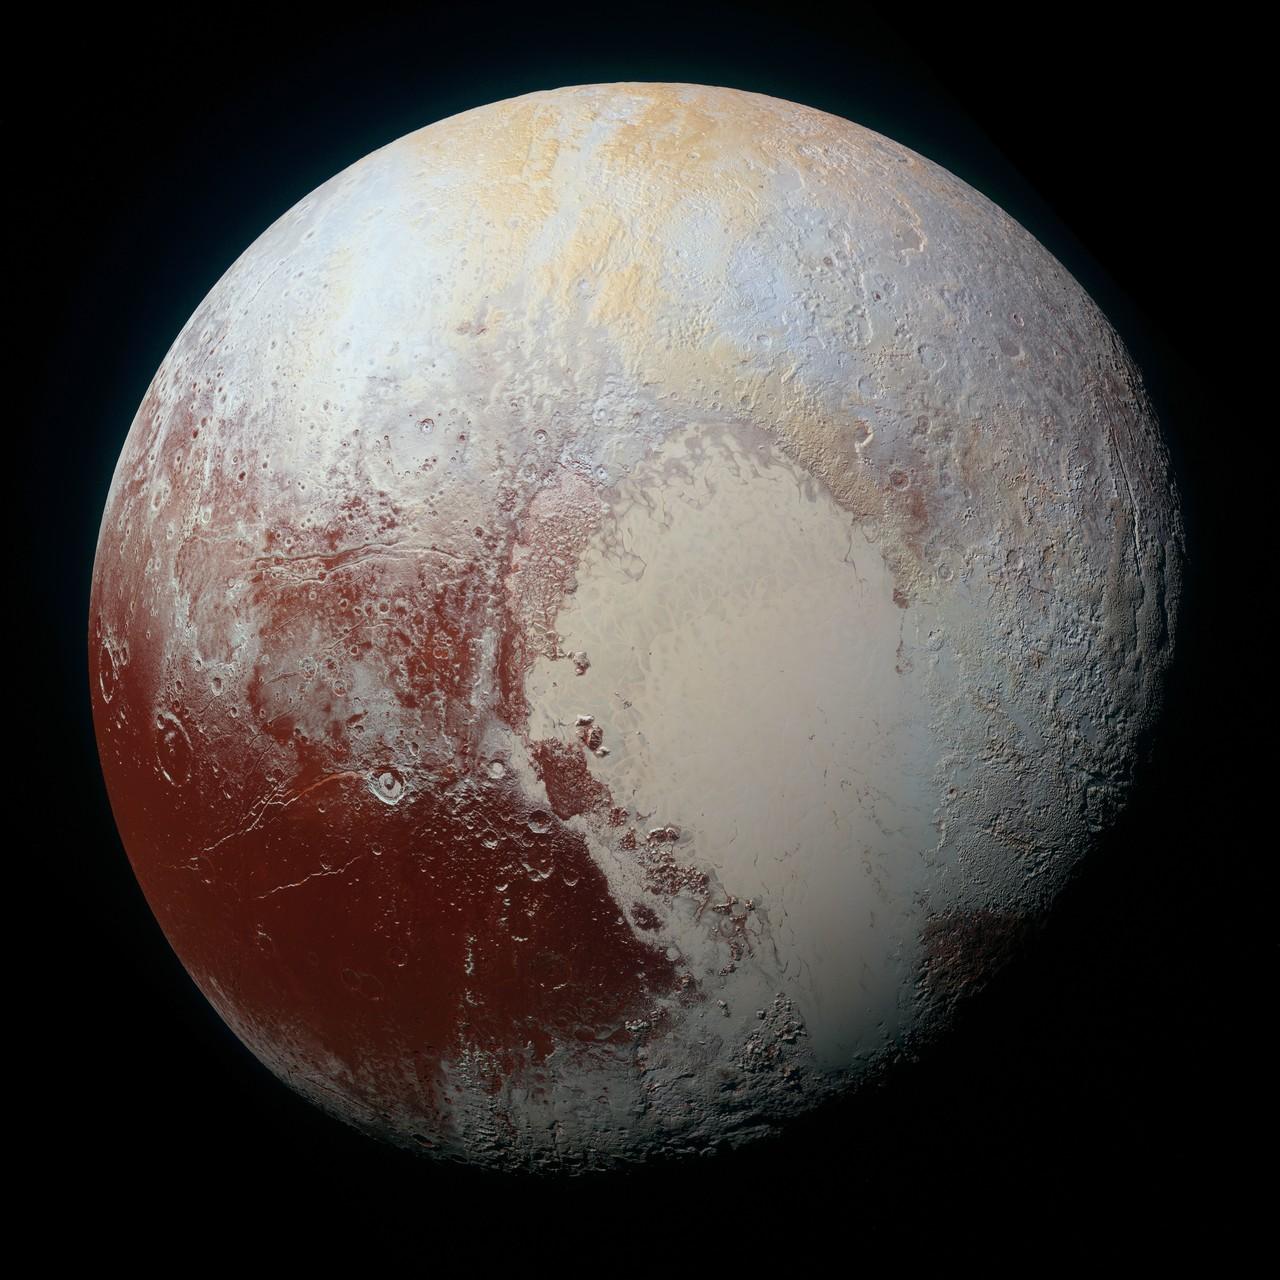 冥王星はナゼ惑星から外された?【2/18は冥王星の日】|オモシロ ...